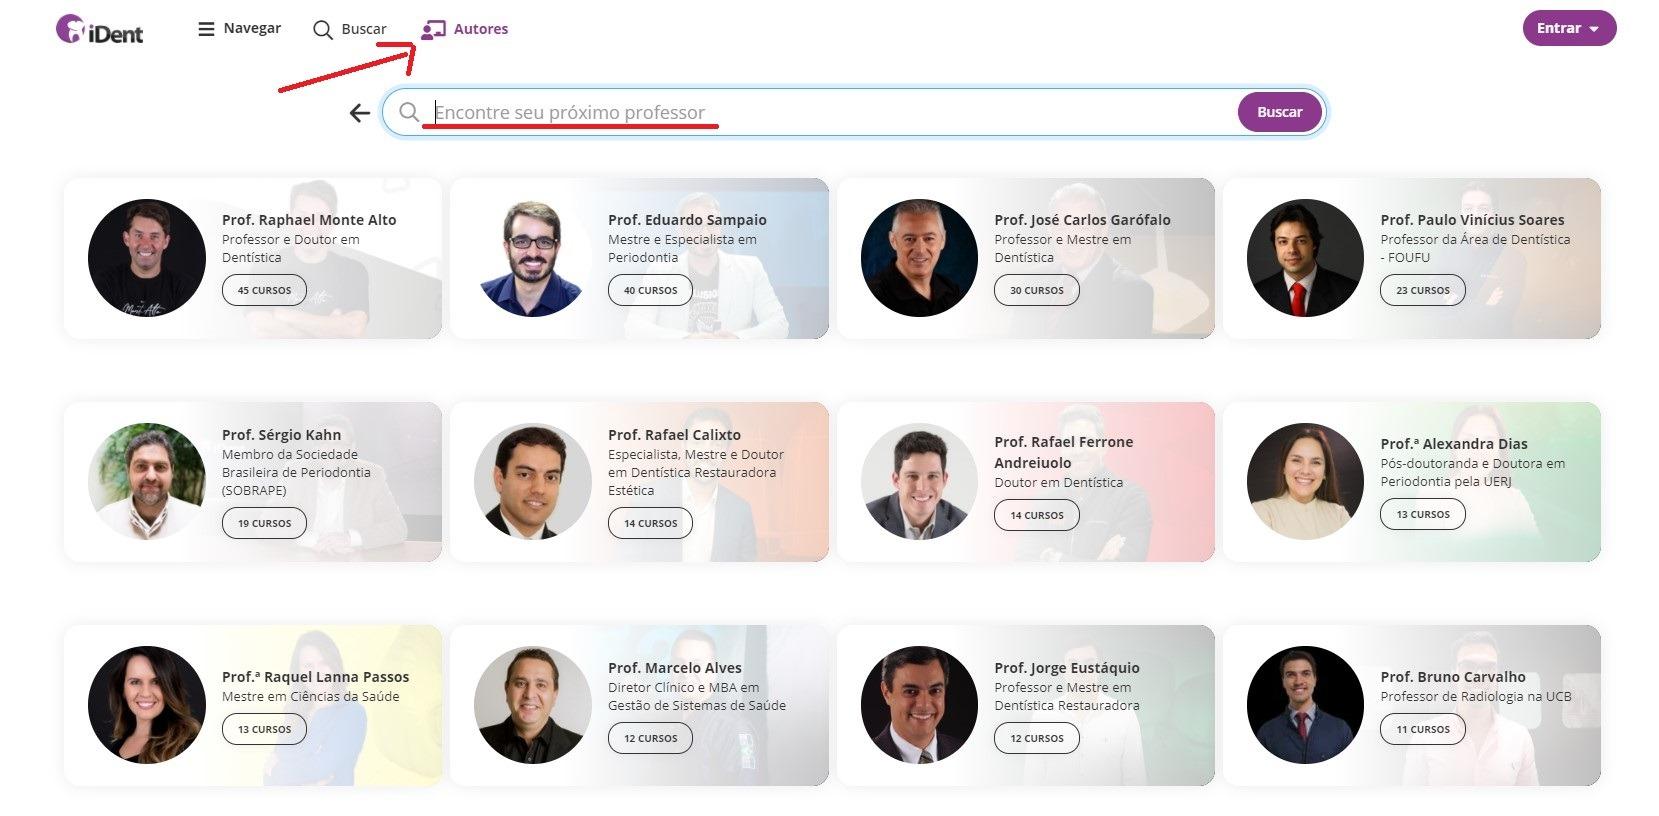 imagem demonstrativa da área autores na plataforma